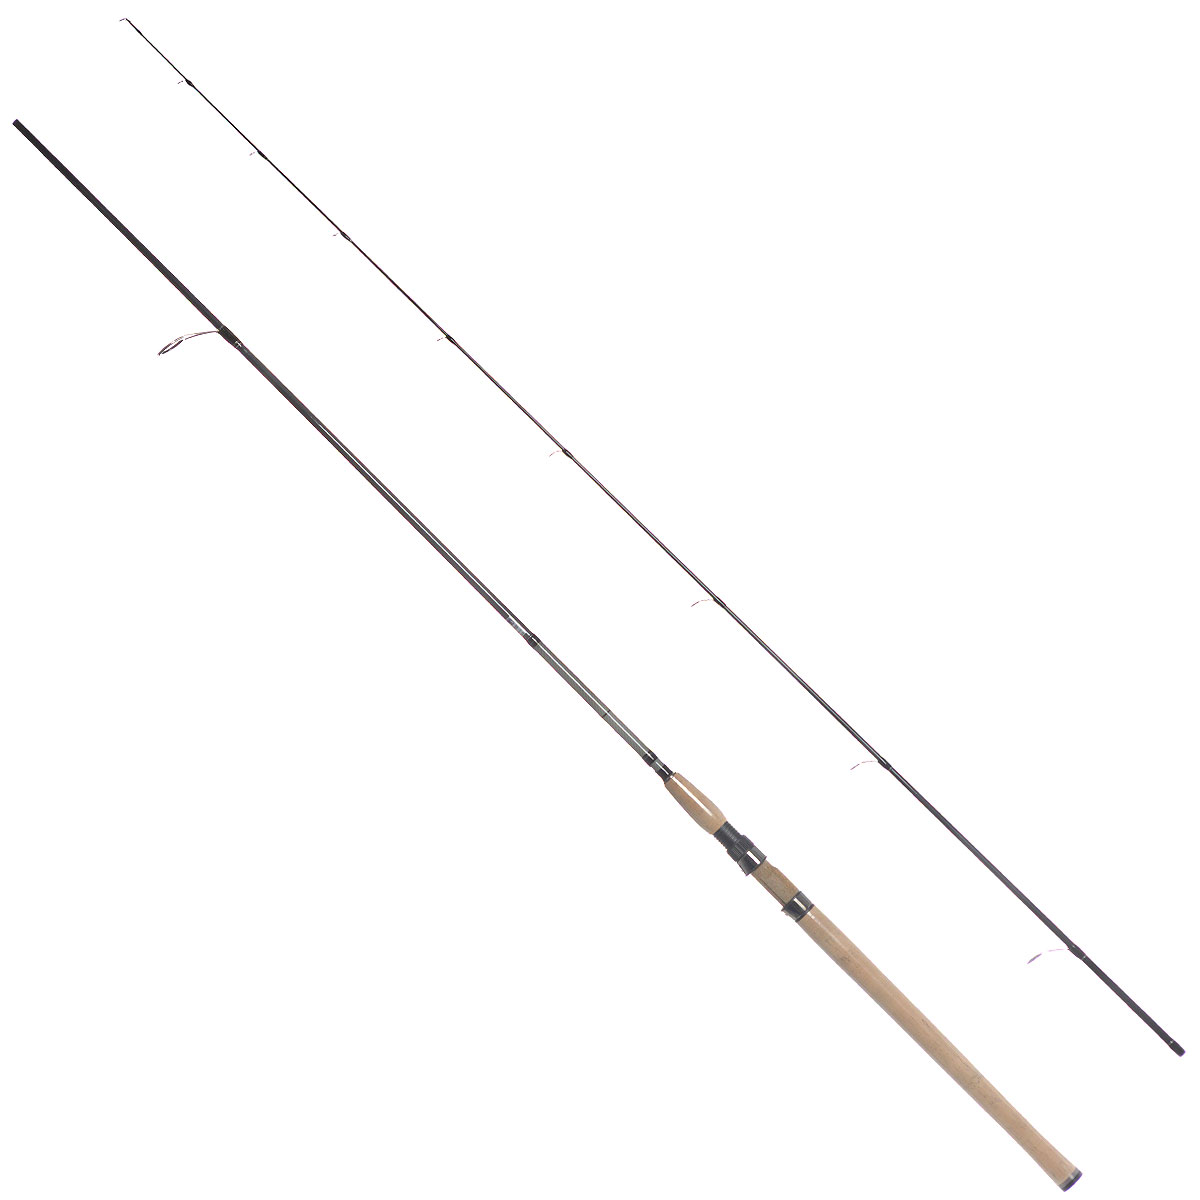 Спиннинг штекерный Daiwa Procyon, 2,70 м, 7-28 г спиннинг штекерный onlitop matrix 2 7 м 40 80 г